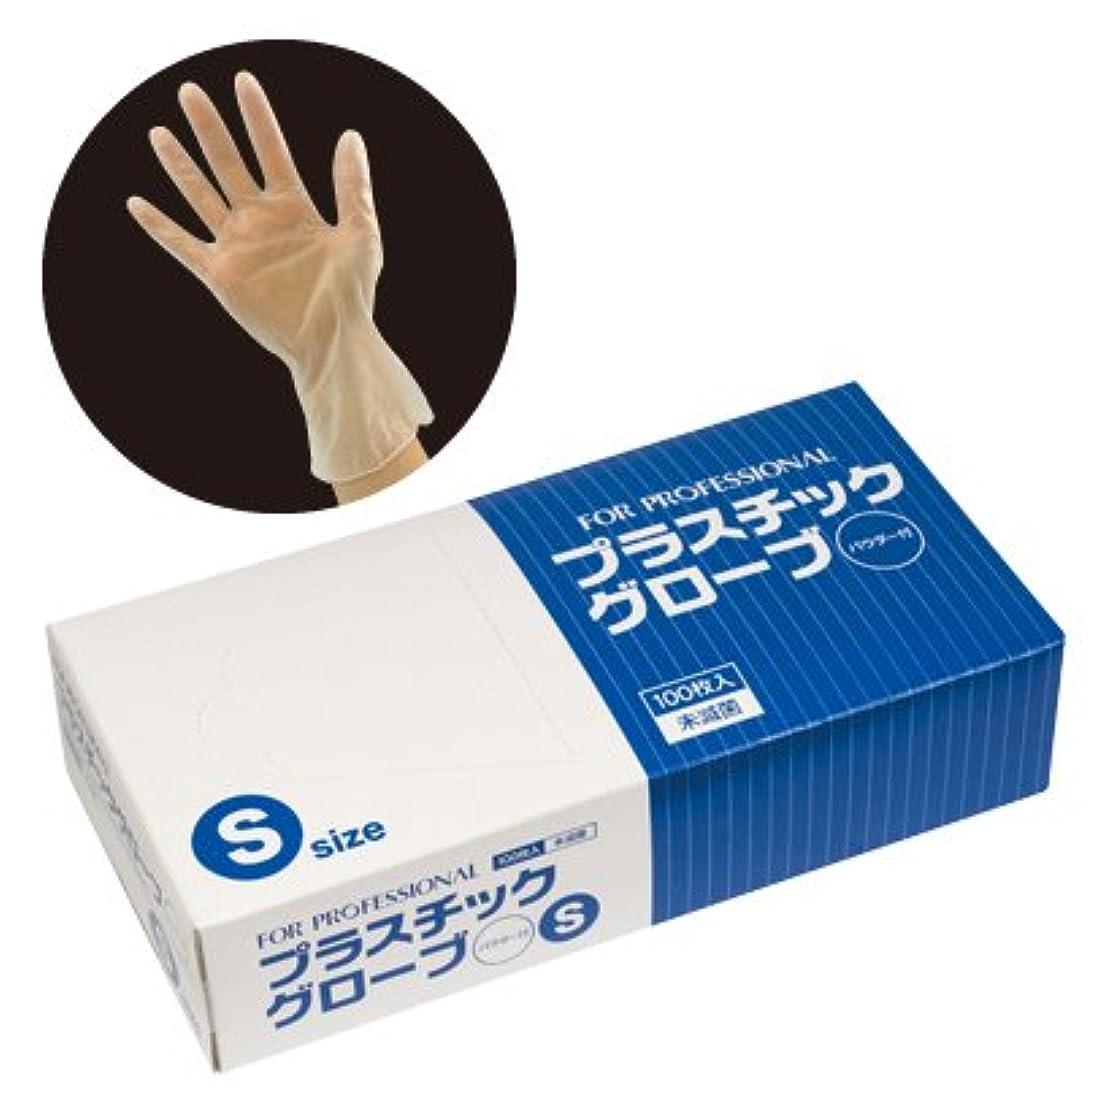 学ぶ故障作物【業務用】 FEED(フィード) プラスチックグローブ(手袋) パウダー付/M カートン (作業用) 100枚入×10ケース (329.4円/1個あたり)